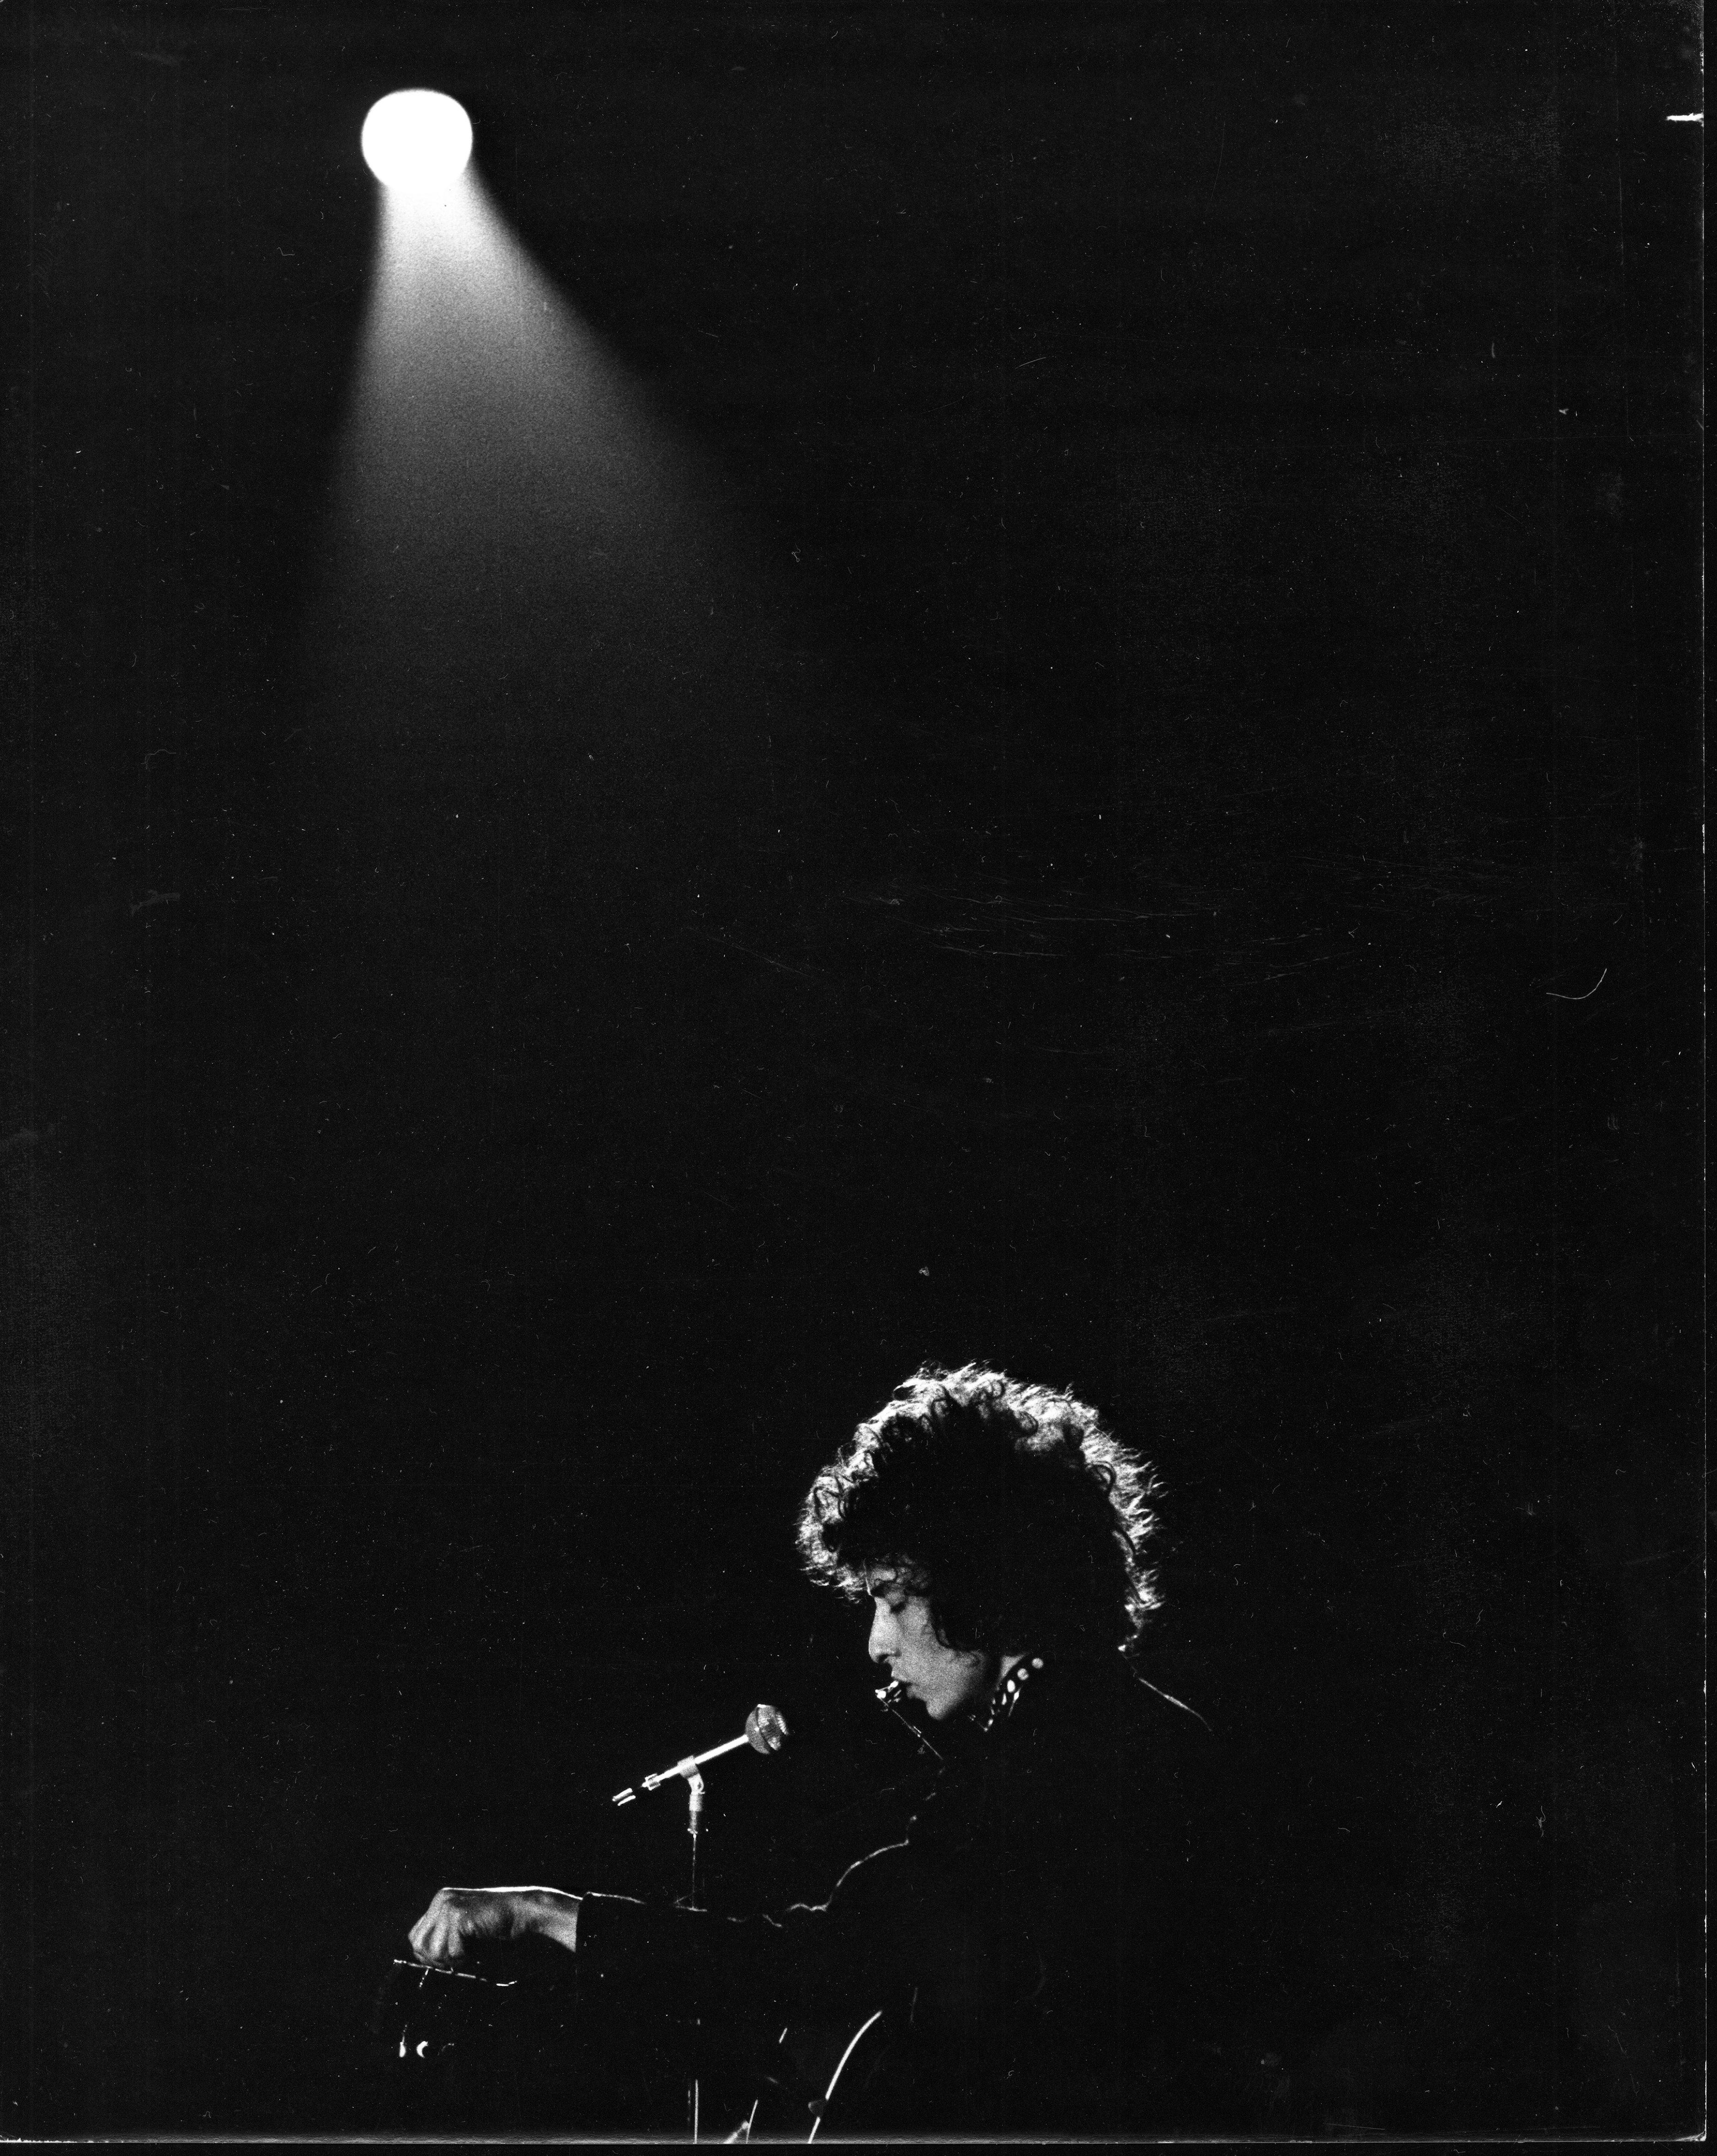 -FILE- U.S. rock singer and poet Bob Dylan performs at the Concert Hall, Stockholm, Sweden, April 29, 1966. Photo Bjorn Larsson Ask / SCANPIX / kod 3022 BETALBILD